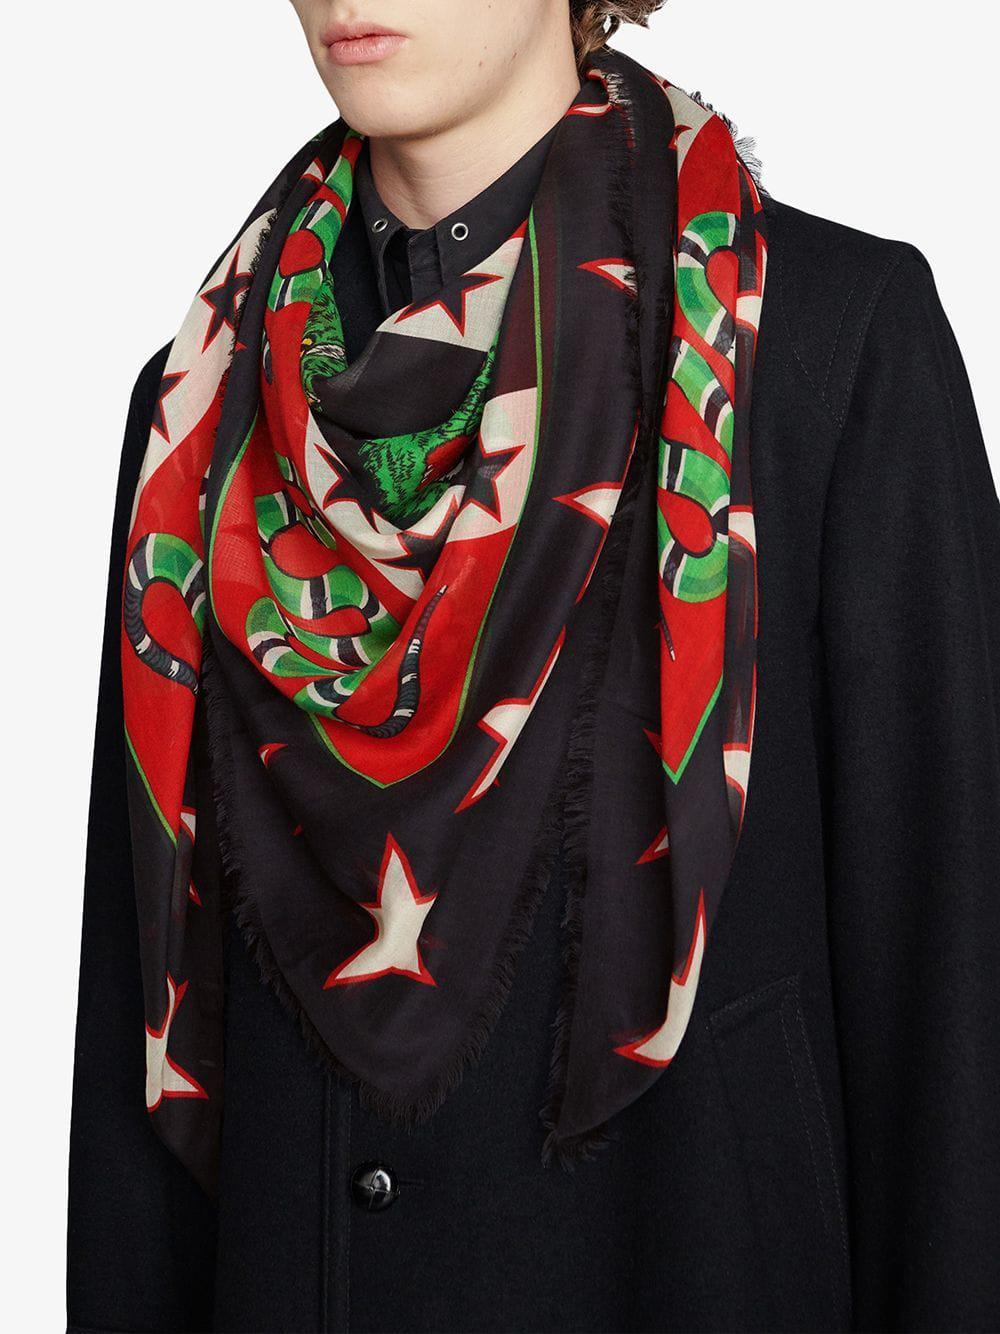 6e394e8378e Gucci - Black Modal Shawl With Symbols Print for Men - Lyst. View fullscreen